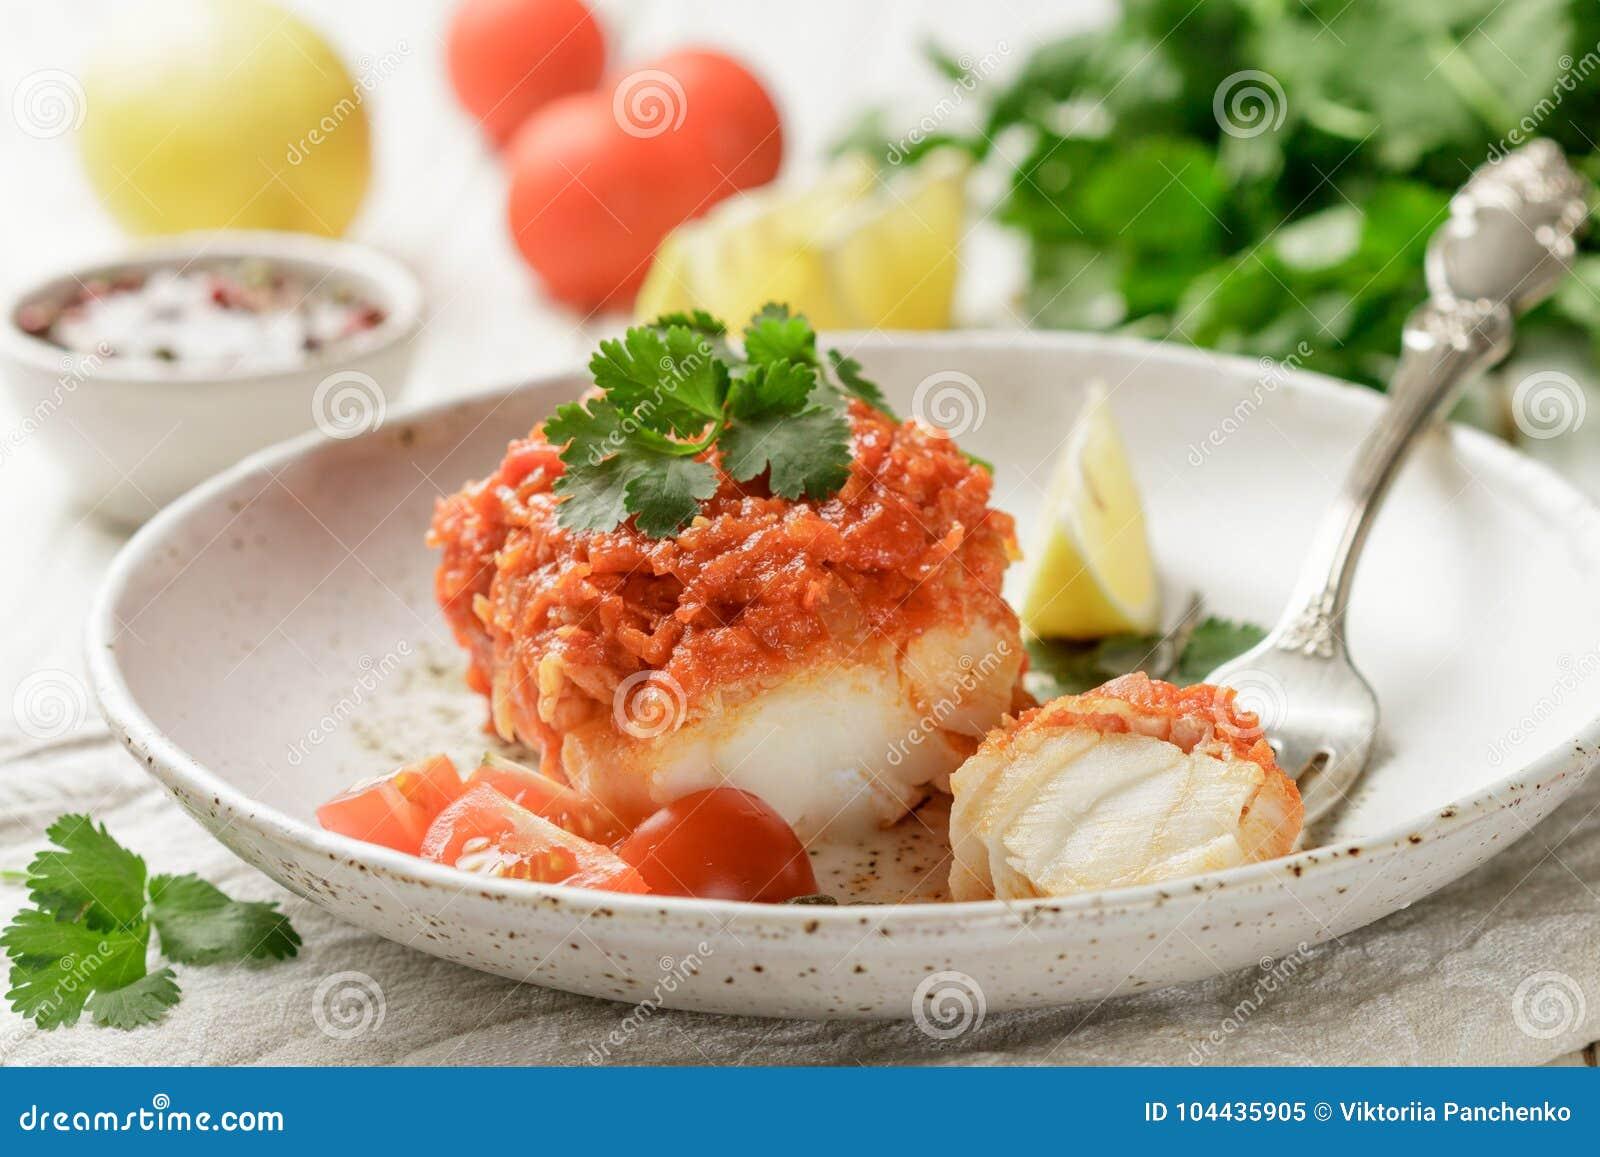 Witte die vissenkabeljauw, Pollock, nototenia, stokvissen, met uien, wortelen en tomaten worden gesmoord